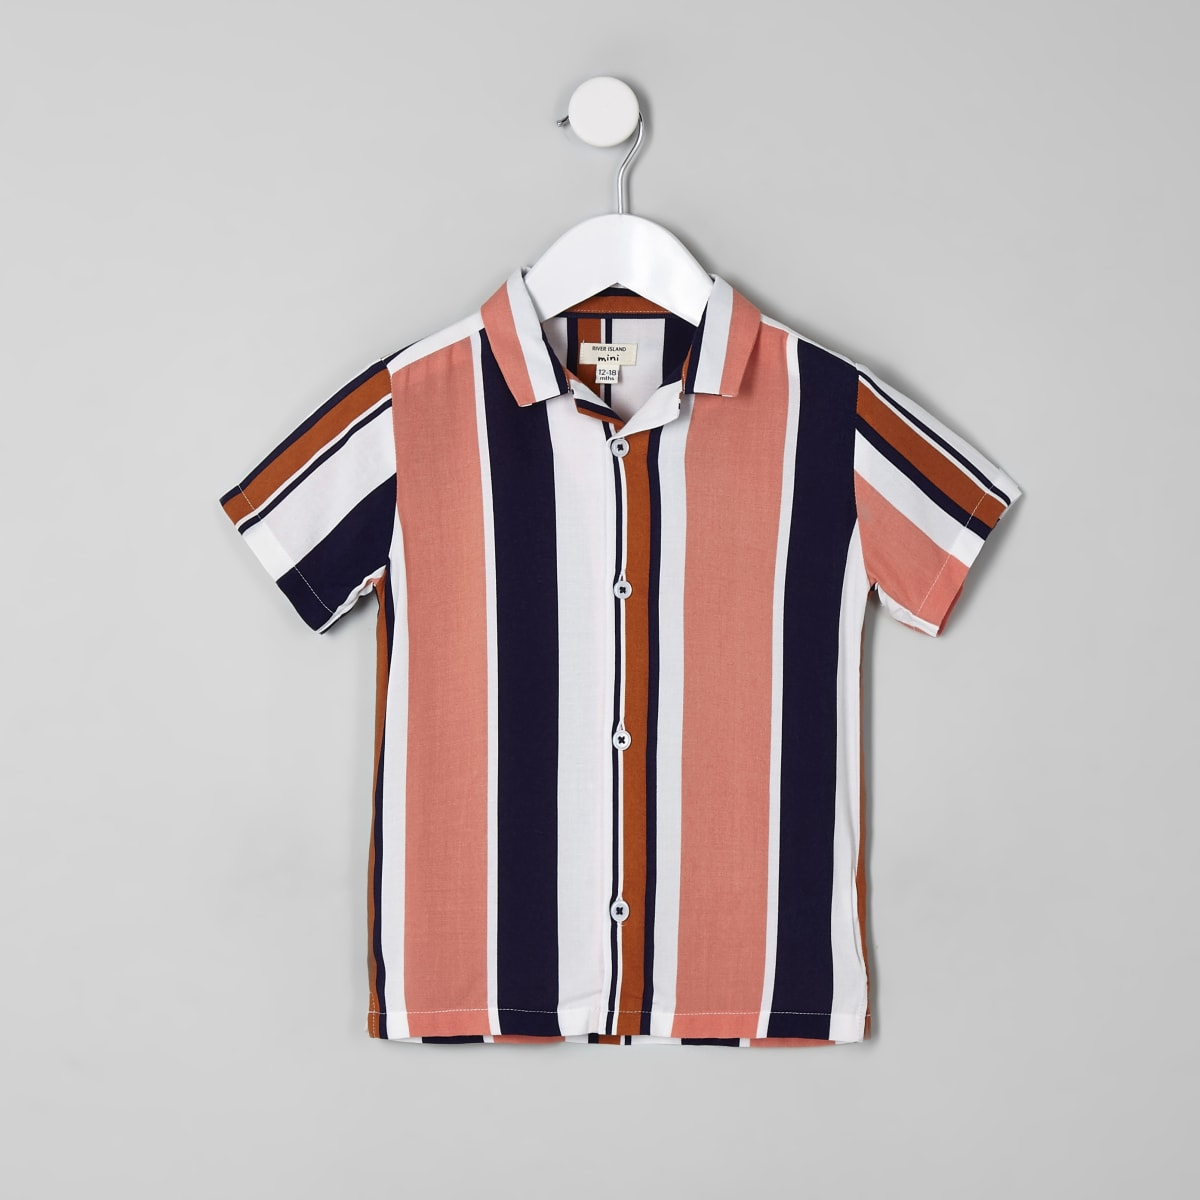 Mini - Marineblauw gestreept overhemd met korte mouwen voor jongens